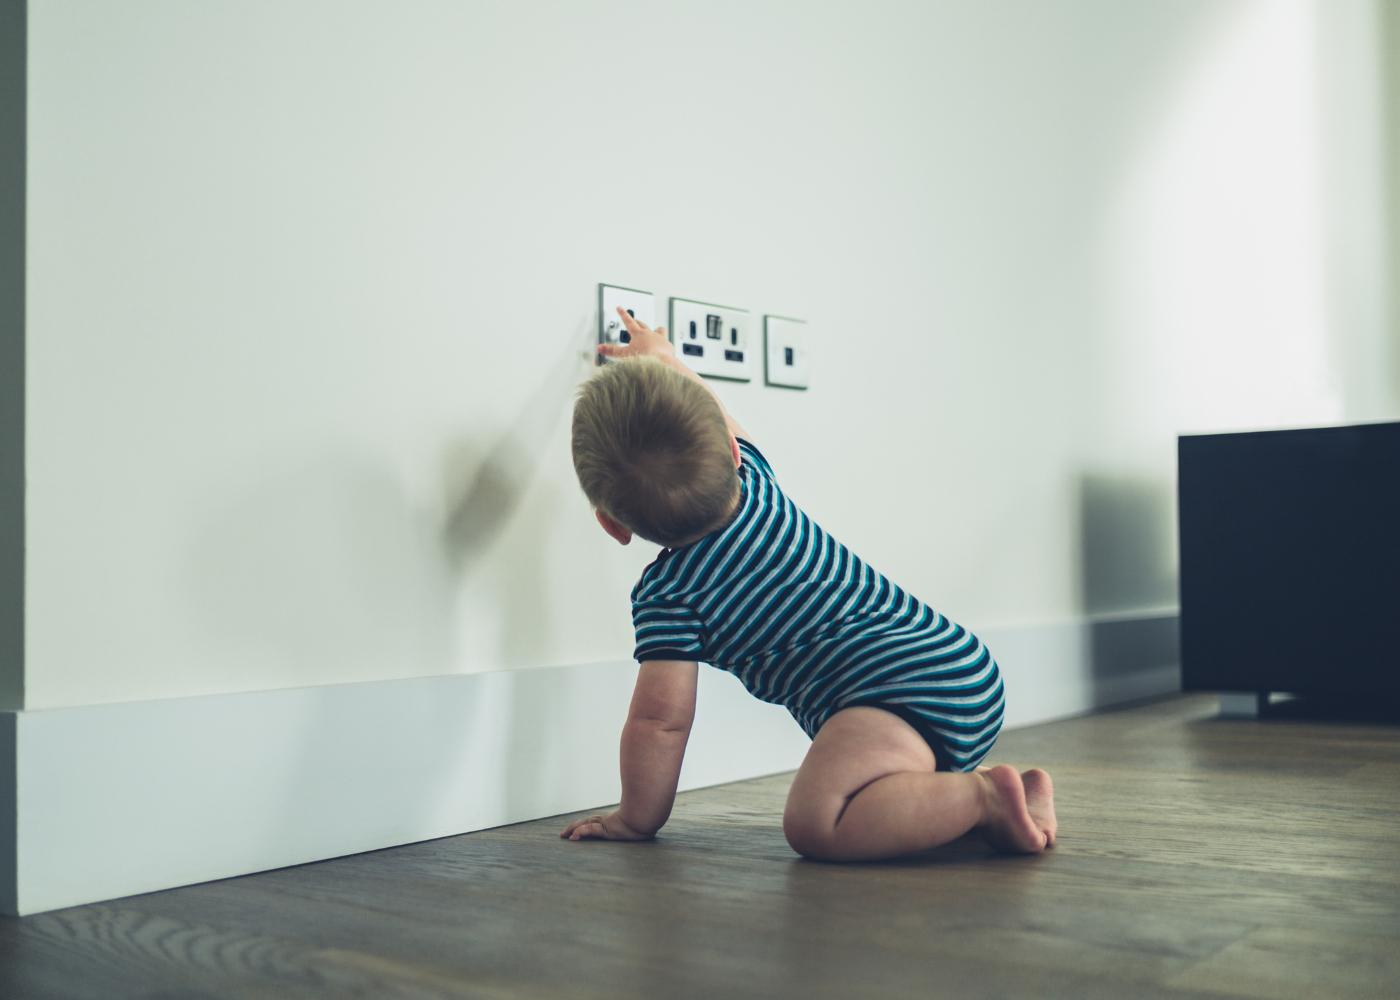 bebé a tentar tocar na tomada